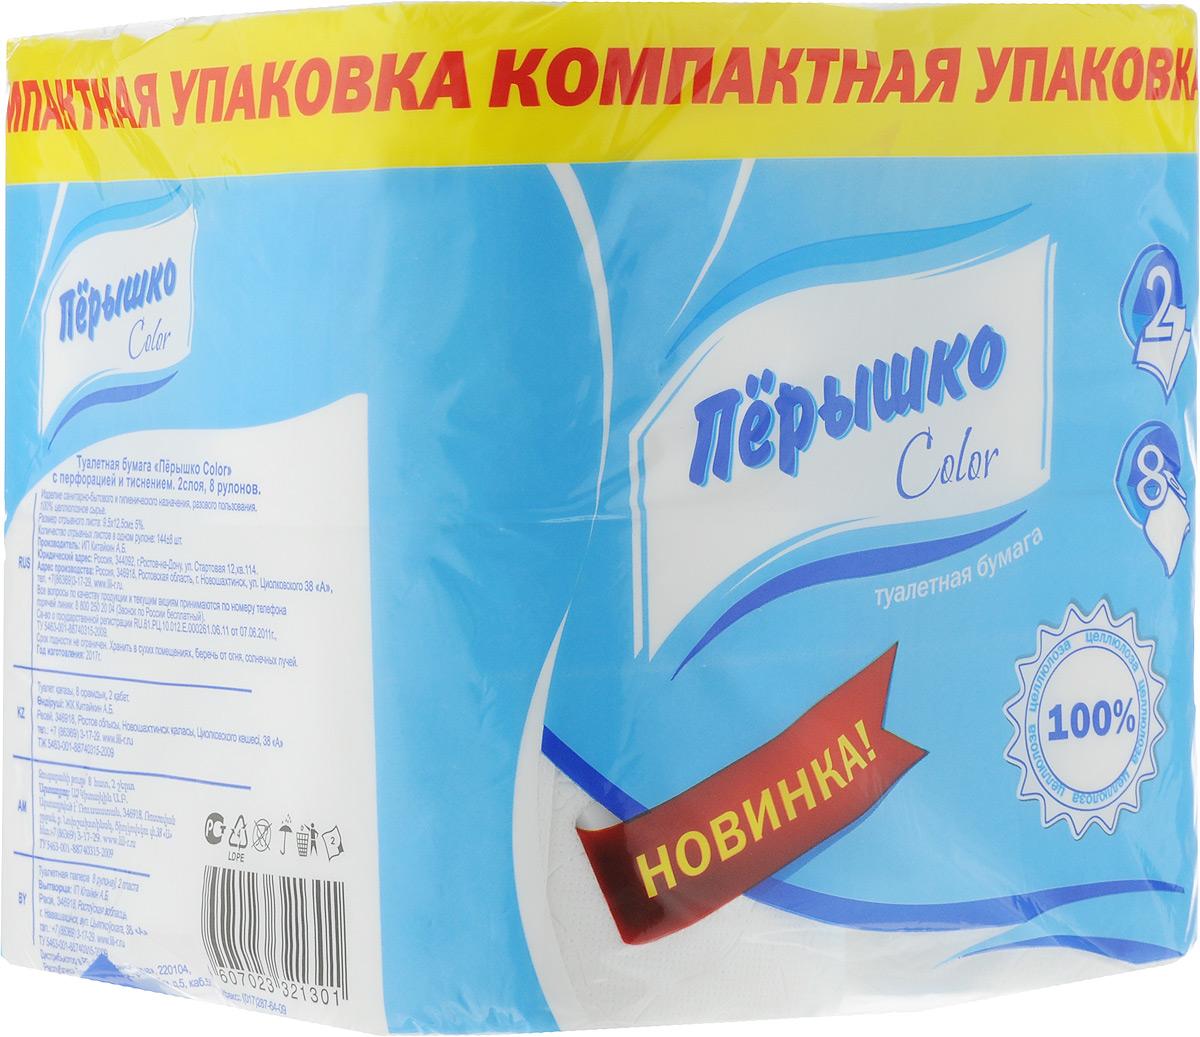 Бумага туалетная Перышко, двухслойная, цвет: белый, 8 рулоновMB980Двухслойная туалетная бумага Перышко изготовлена из 100% целлюлозного сырья. Мягкая, нежная, но в тоже время прочная, бумага не расслаивается и отрывается строго по линии перфорации.Количество рулонов: 8 шт.